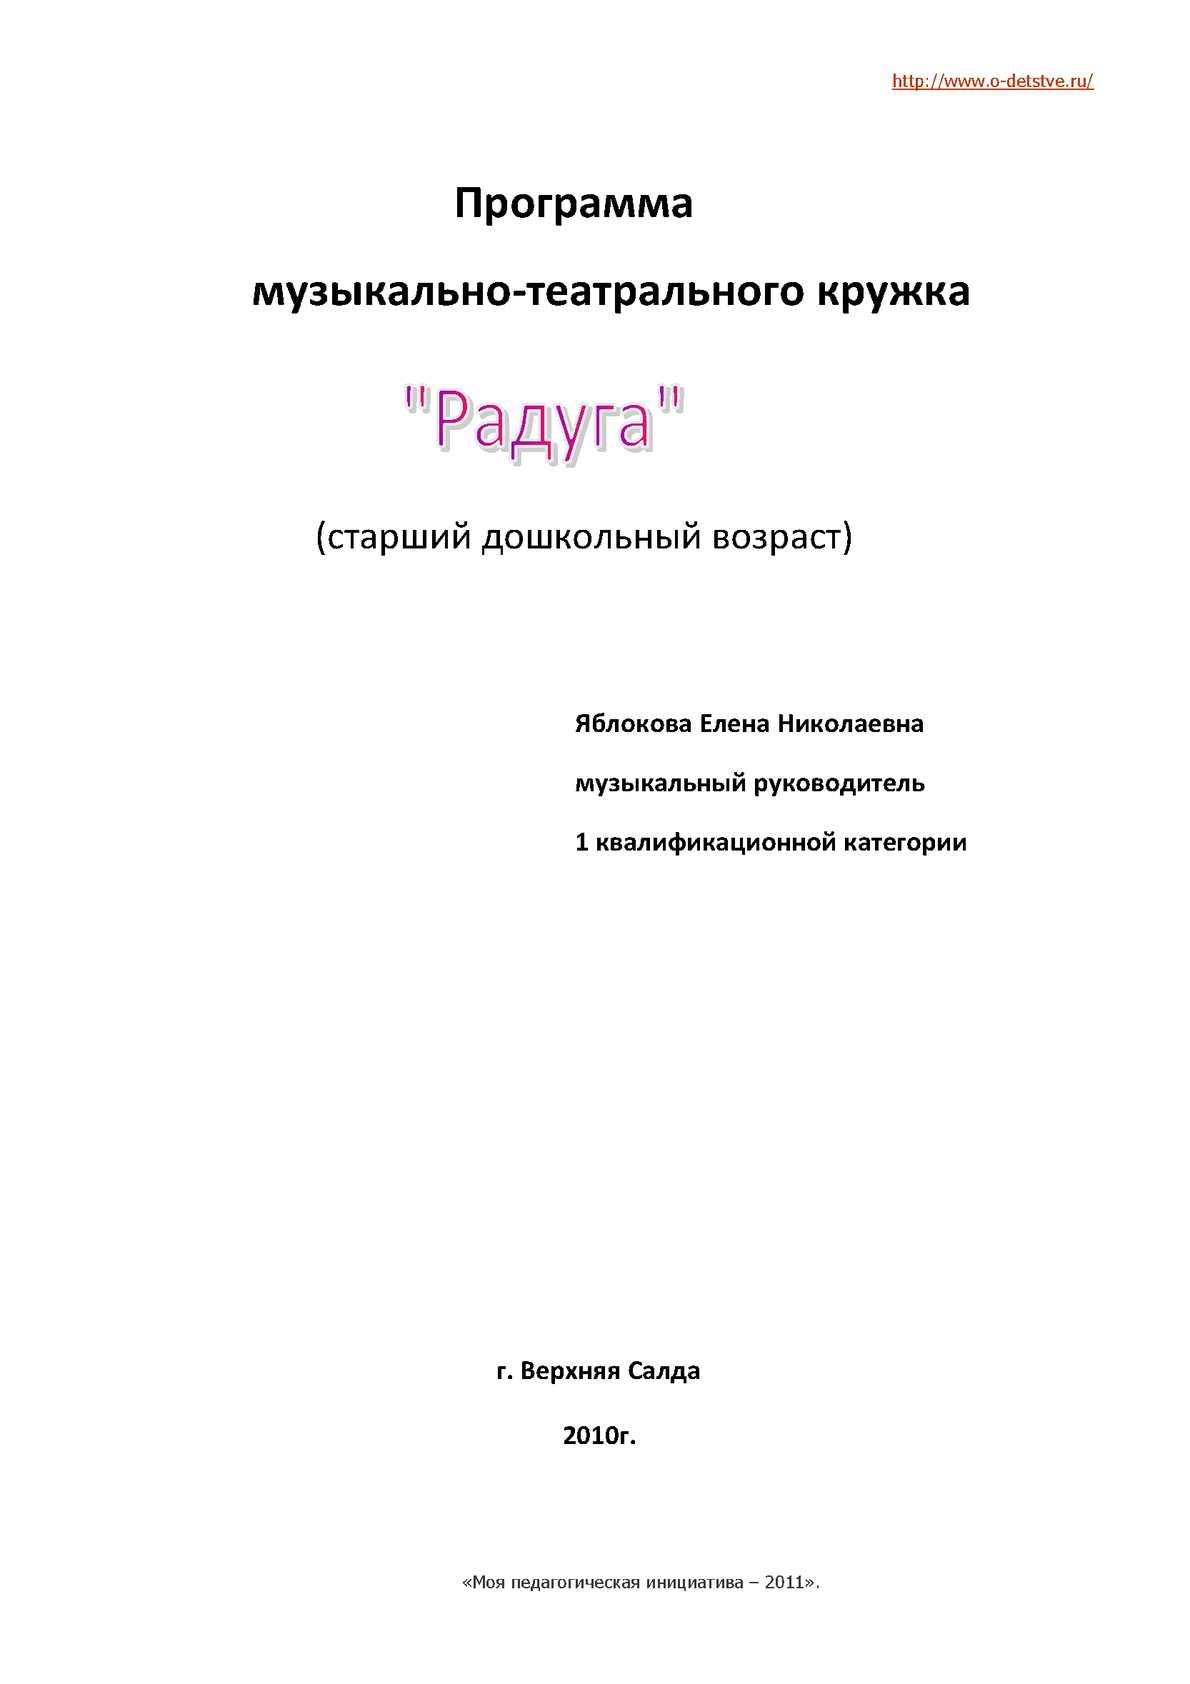 """Программа музыкально-театрального кружка """"Радуга"""